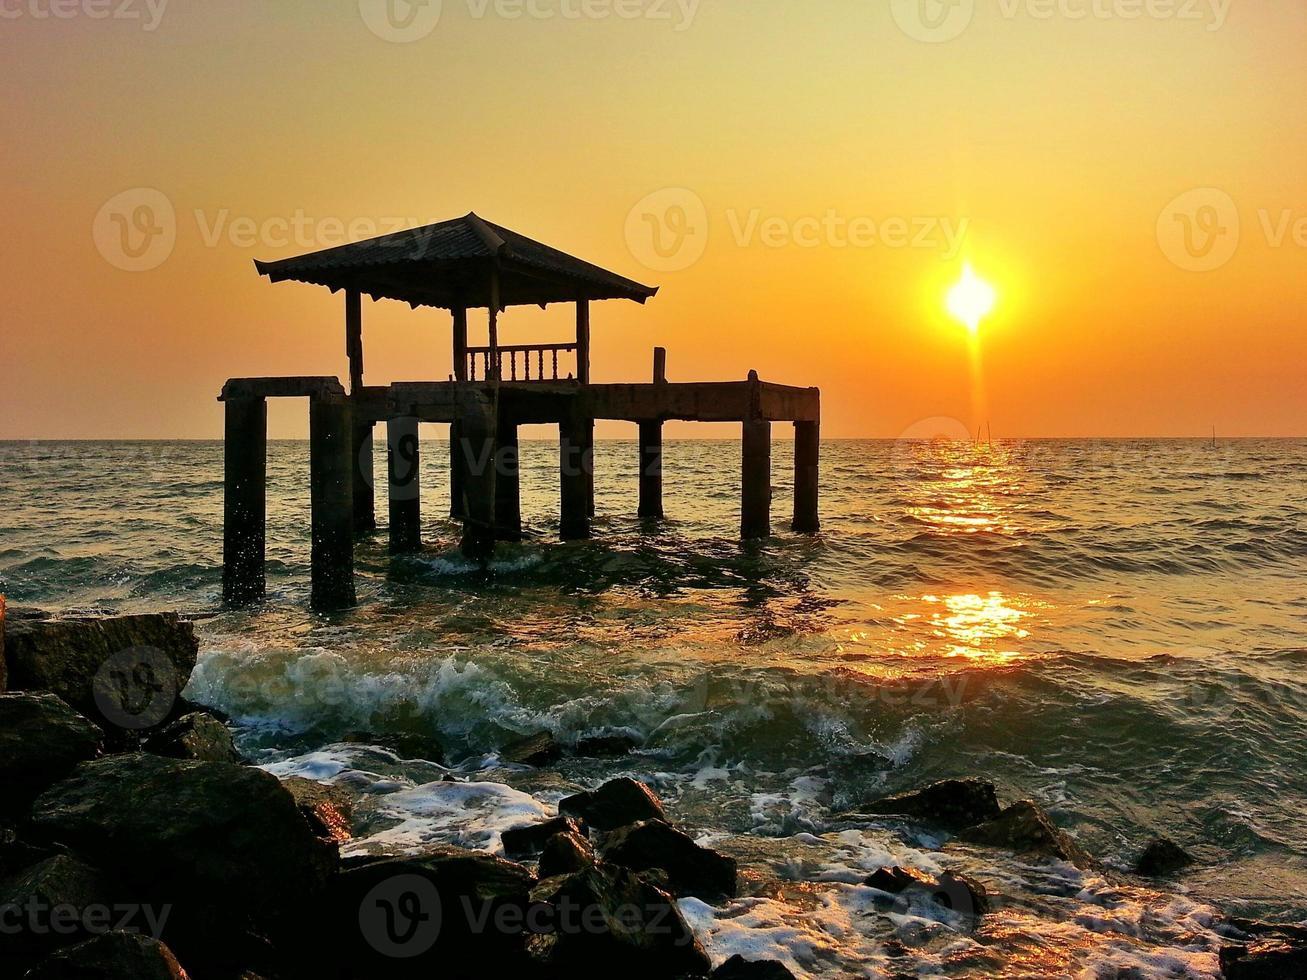 il padiglione in riva al mare foto